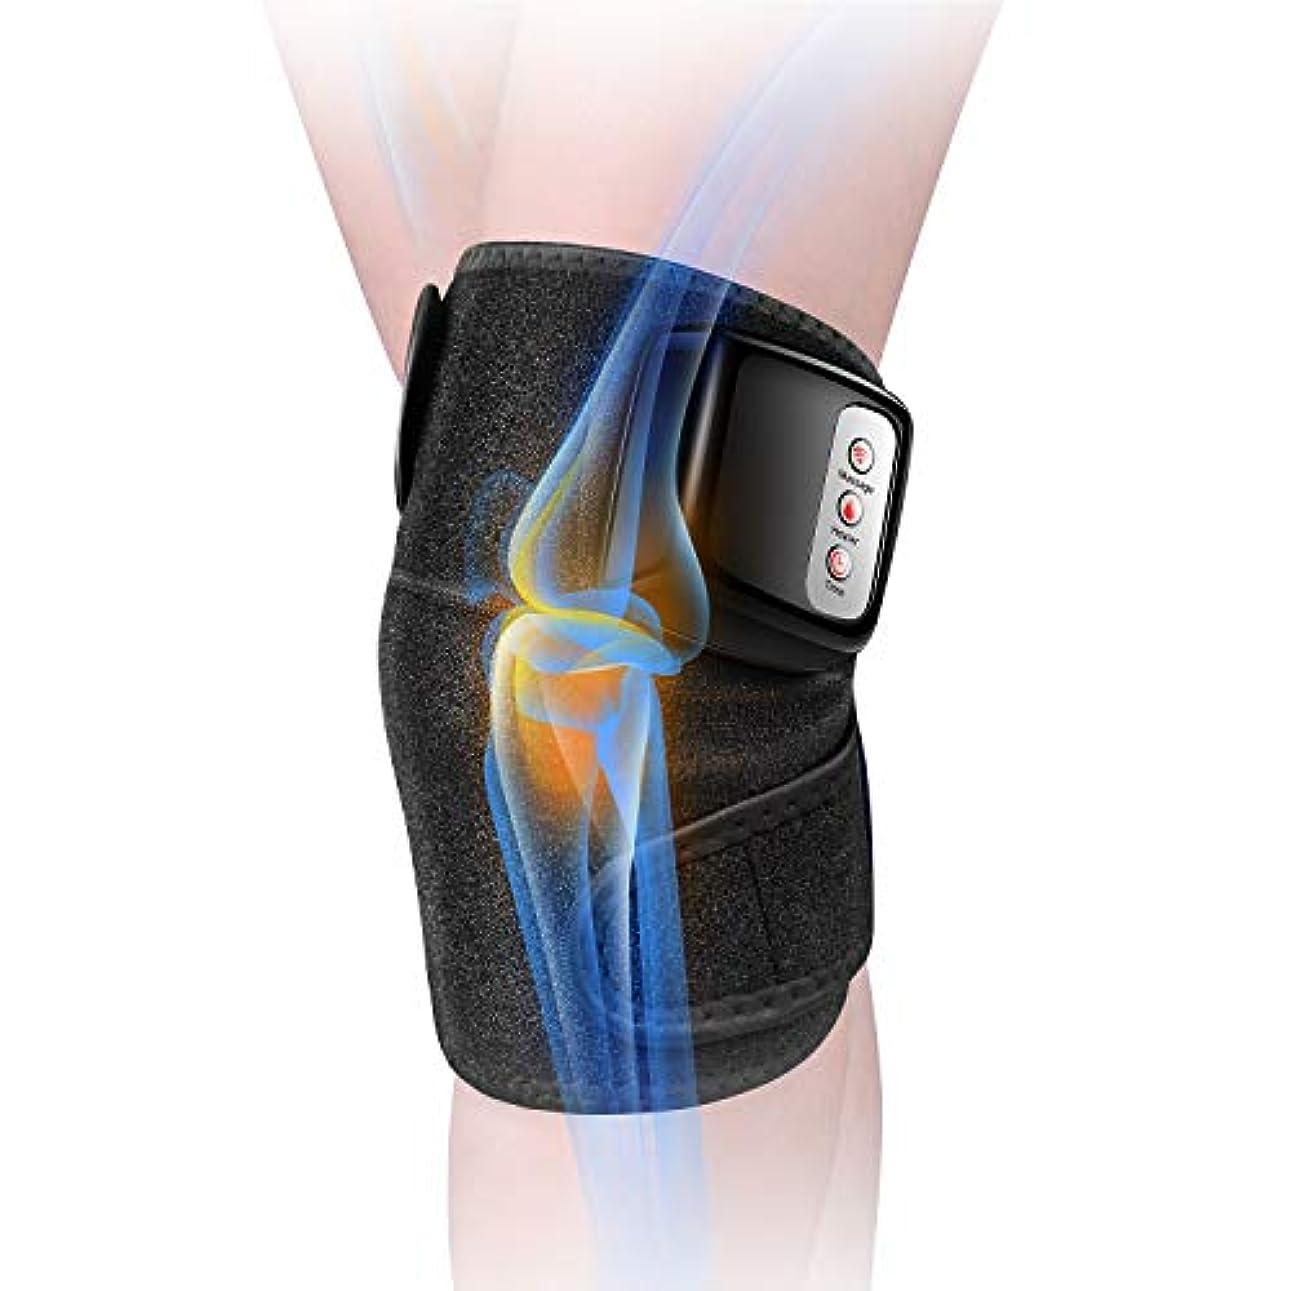 影響任命する代わりに膝マッサージャー 関節マッサージャー マッサージ器 フットマッサージャー 振動 赤外線療法 温熱療法 膝サポーター ストレス解消 肩 太もも/腕対応